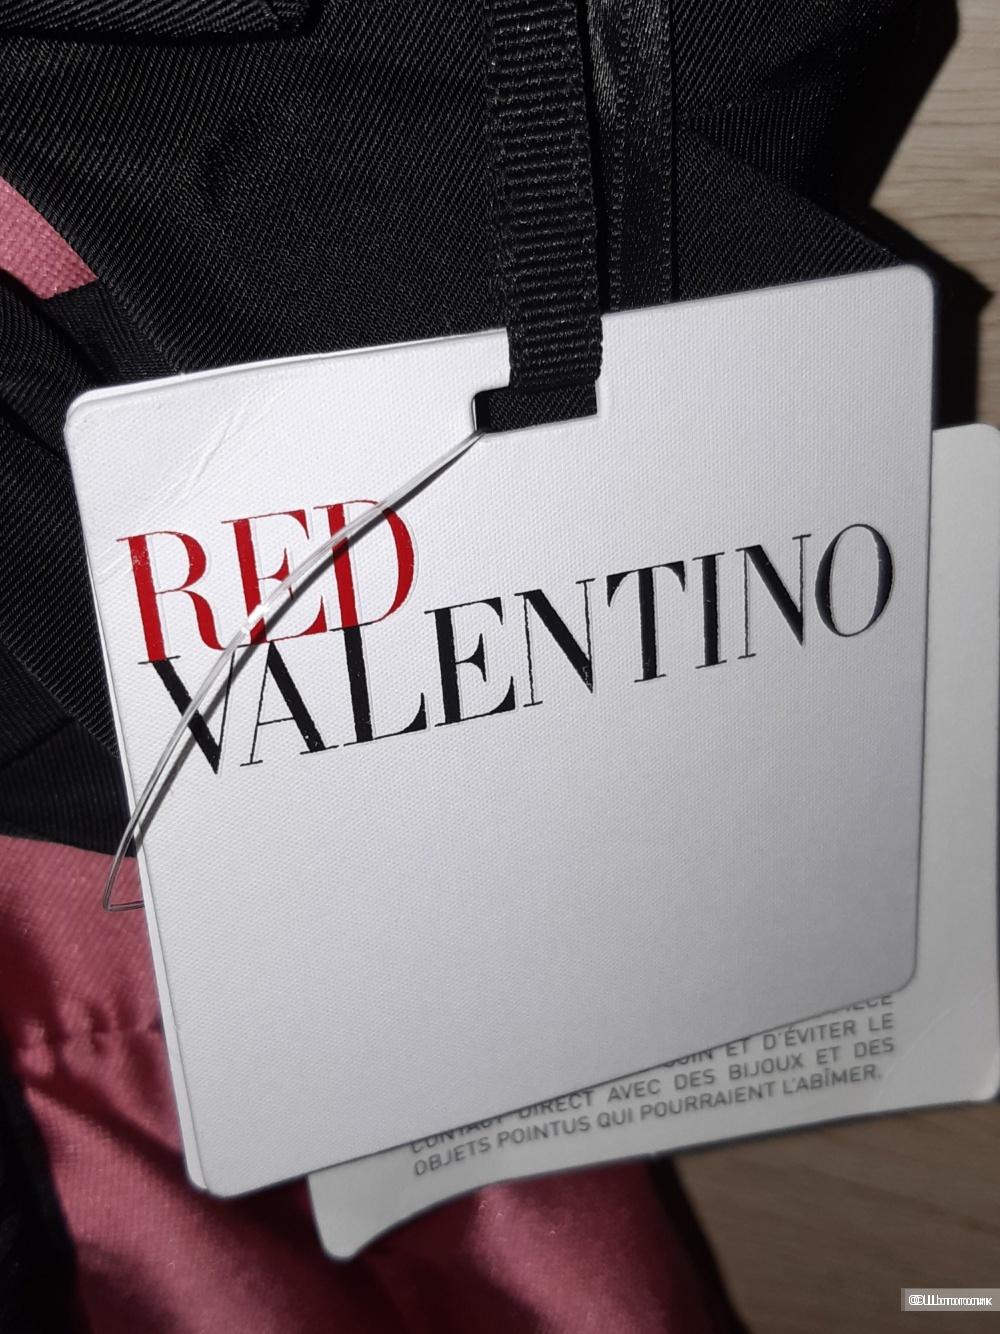 Платье Valentino red 42it